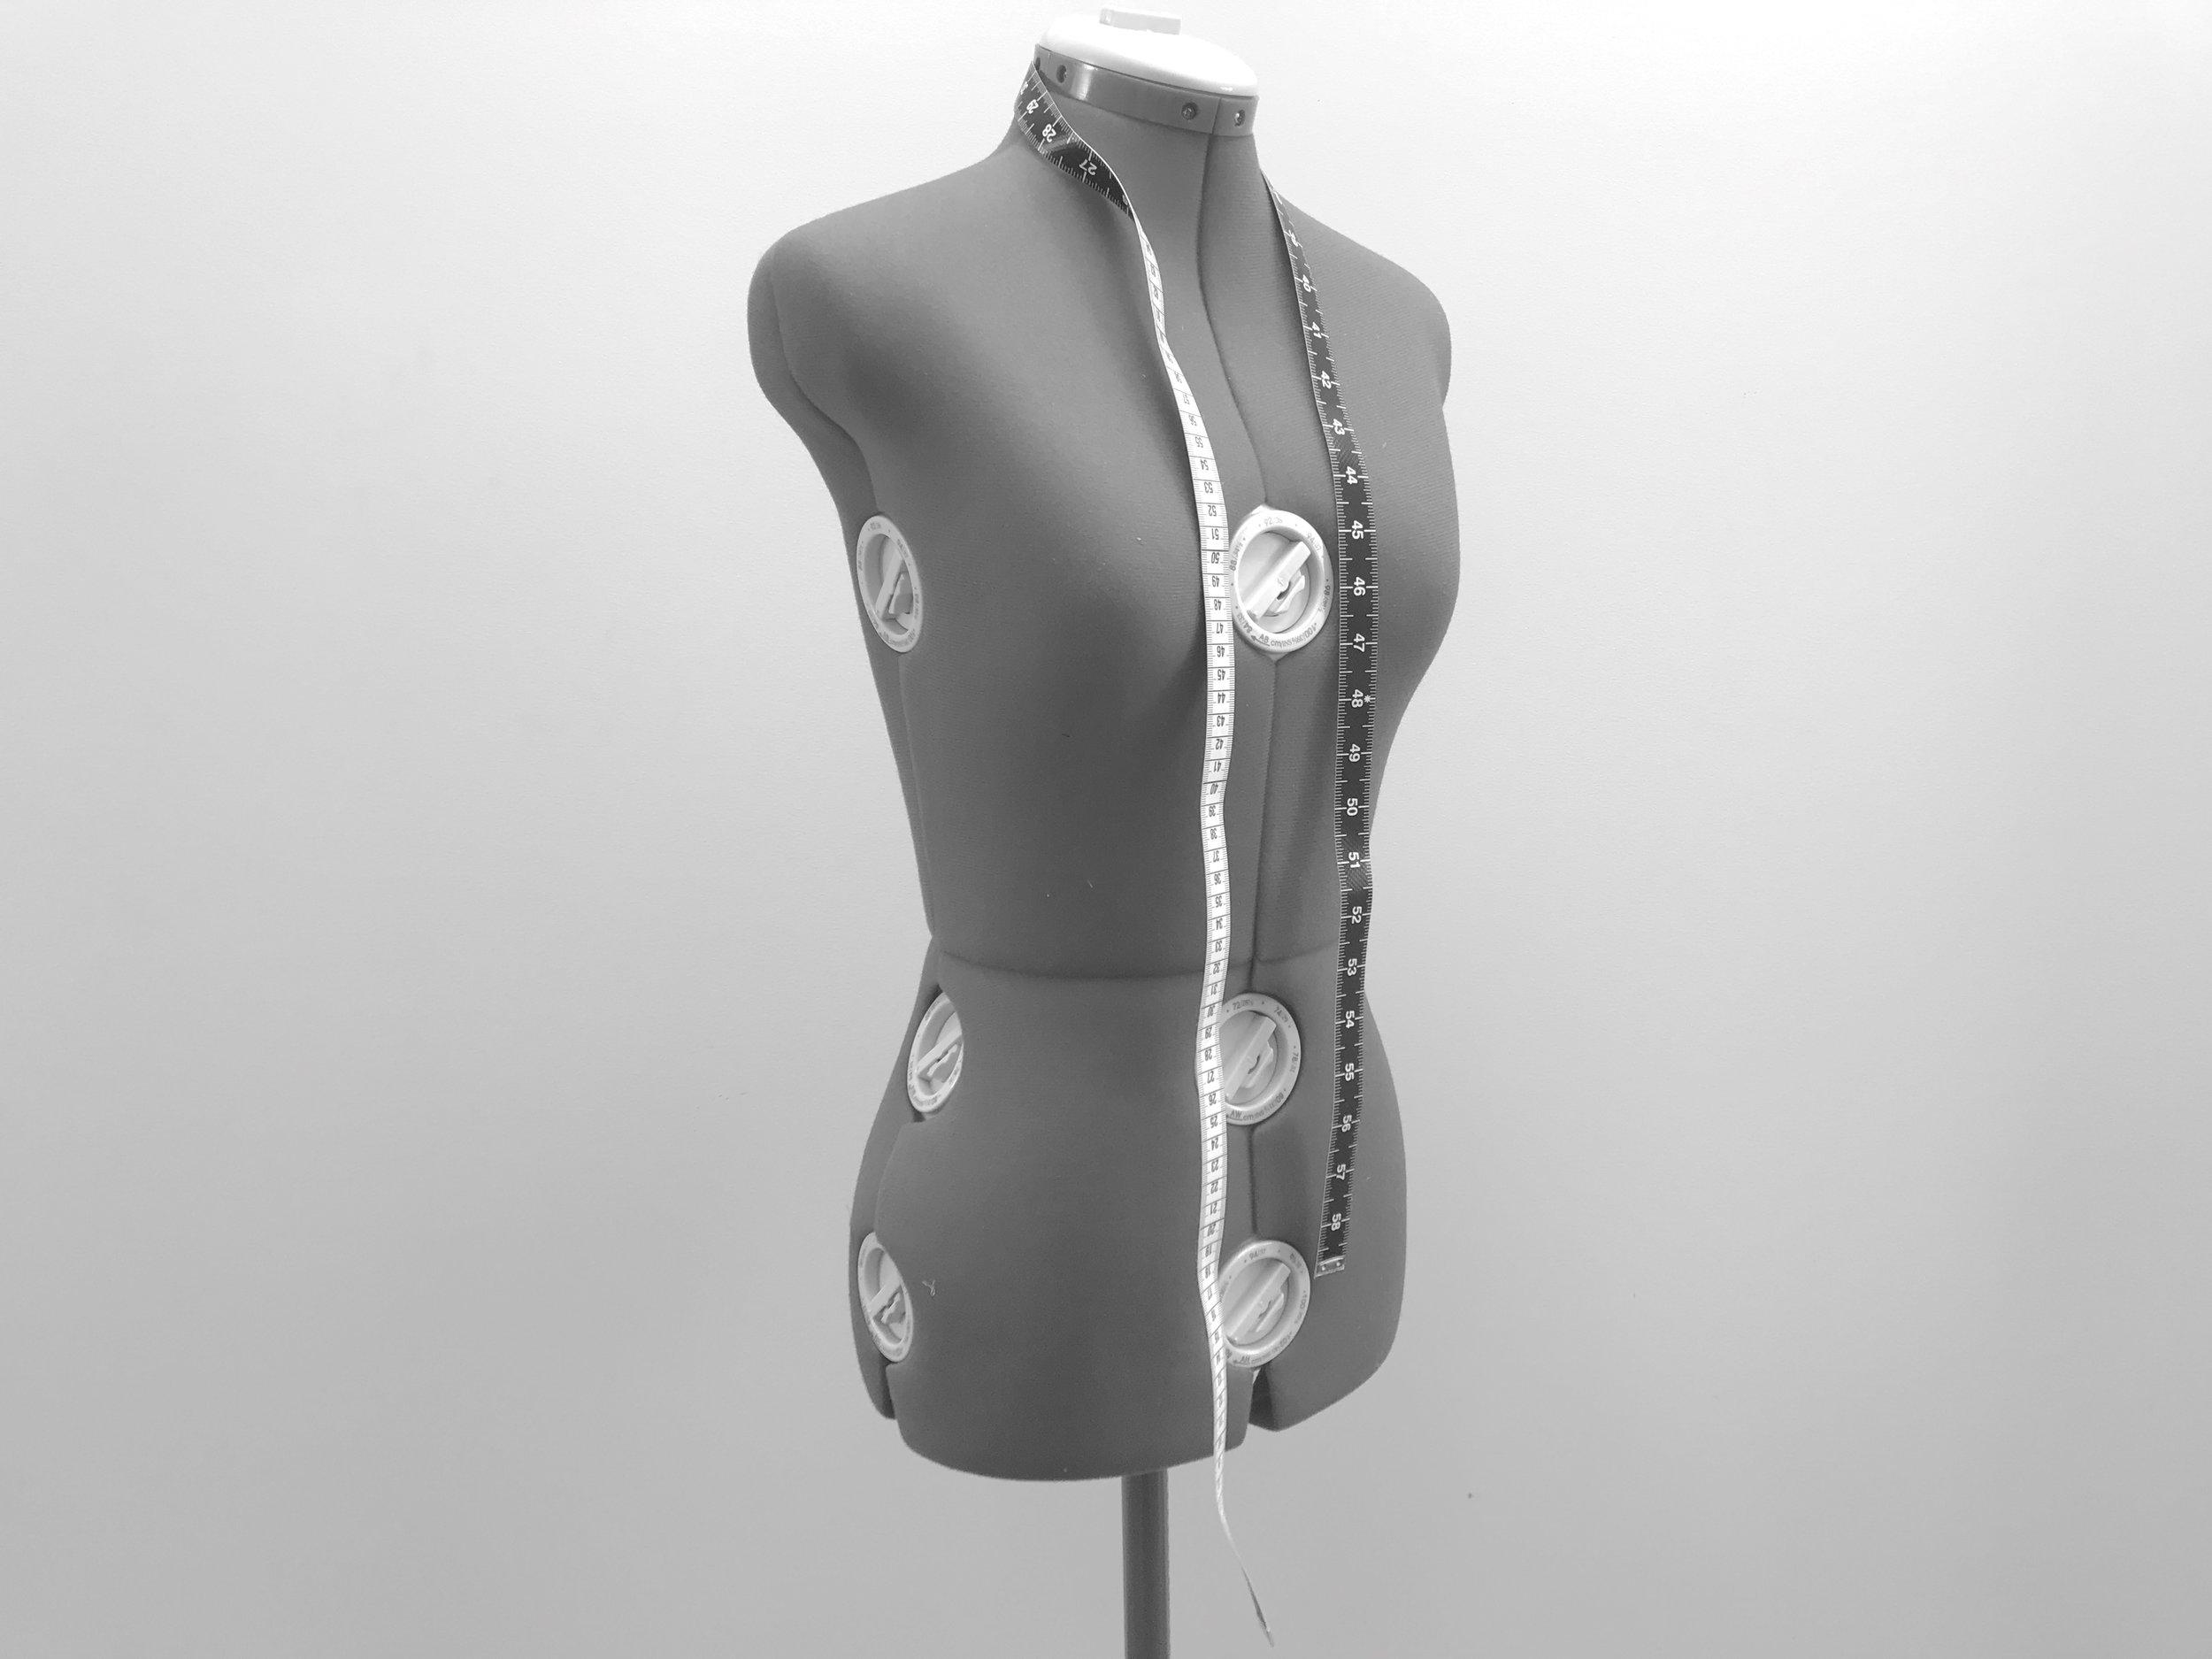 - classic designsbeautiful fabricsindividual style